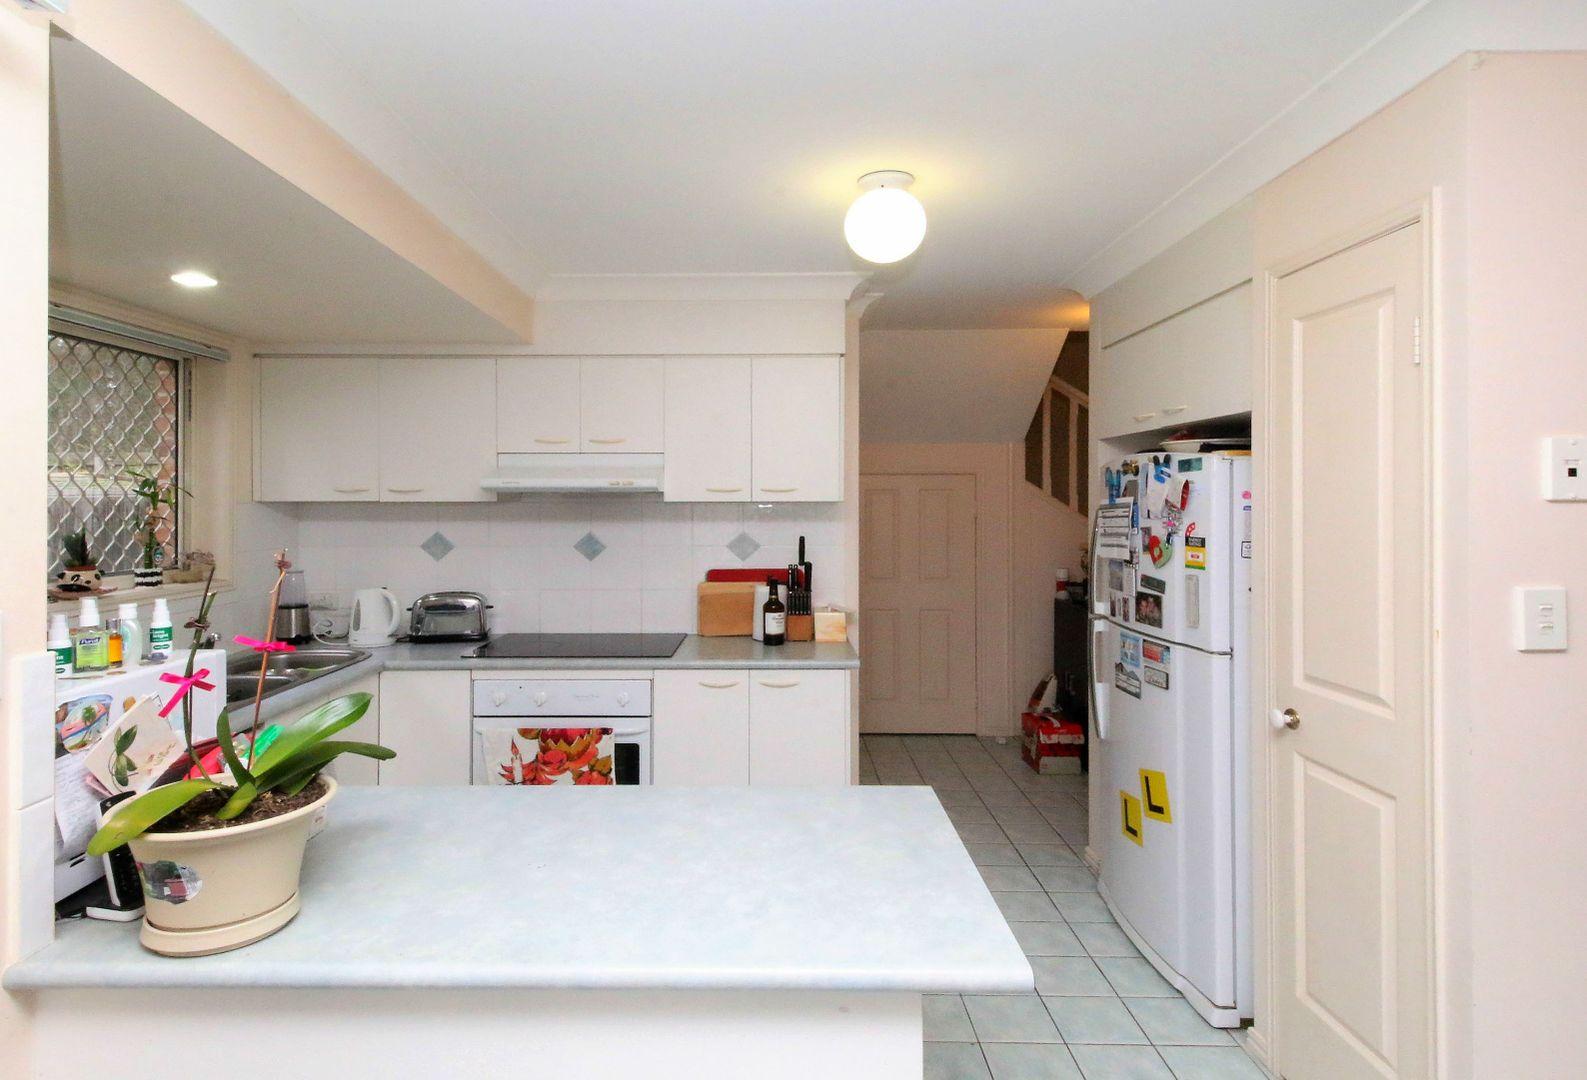 49/18 sunny ct, Sunnybank Hills QLD 4109, Image 1